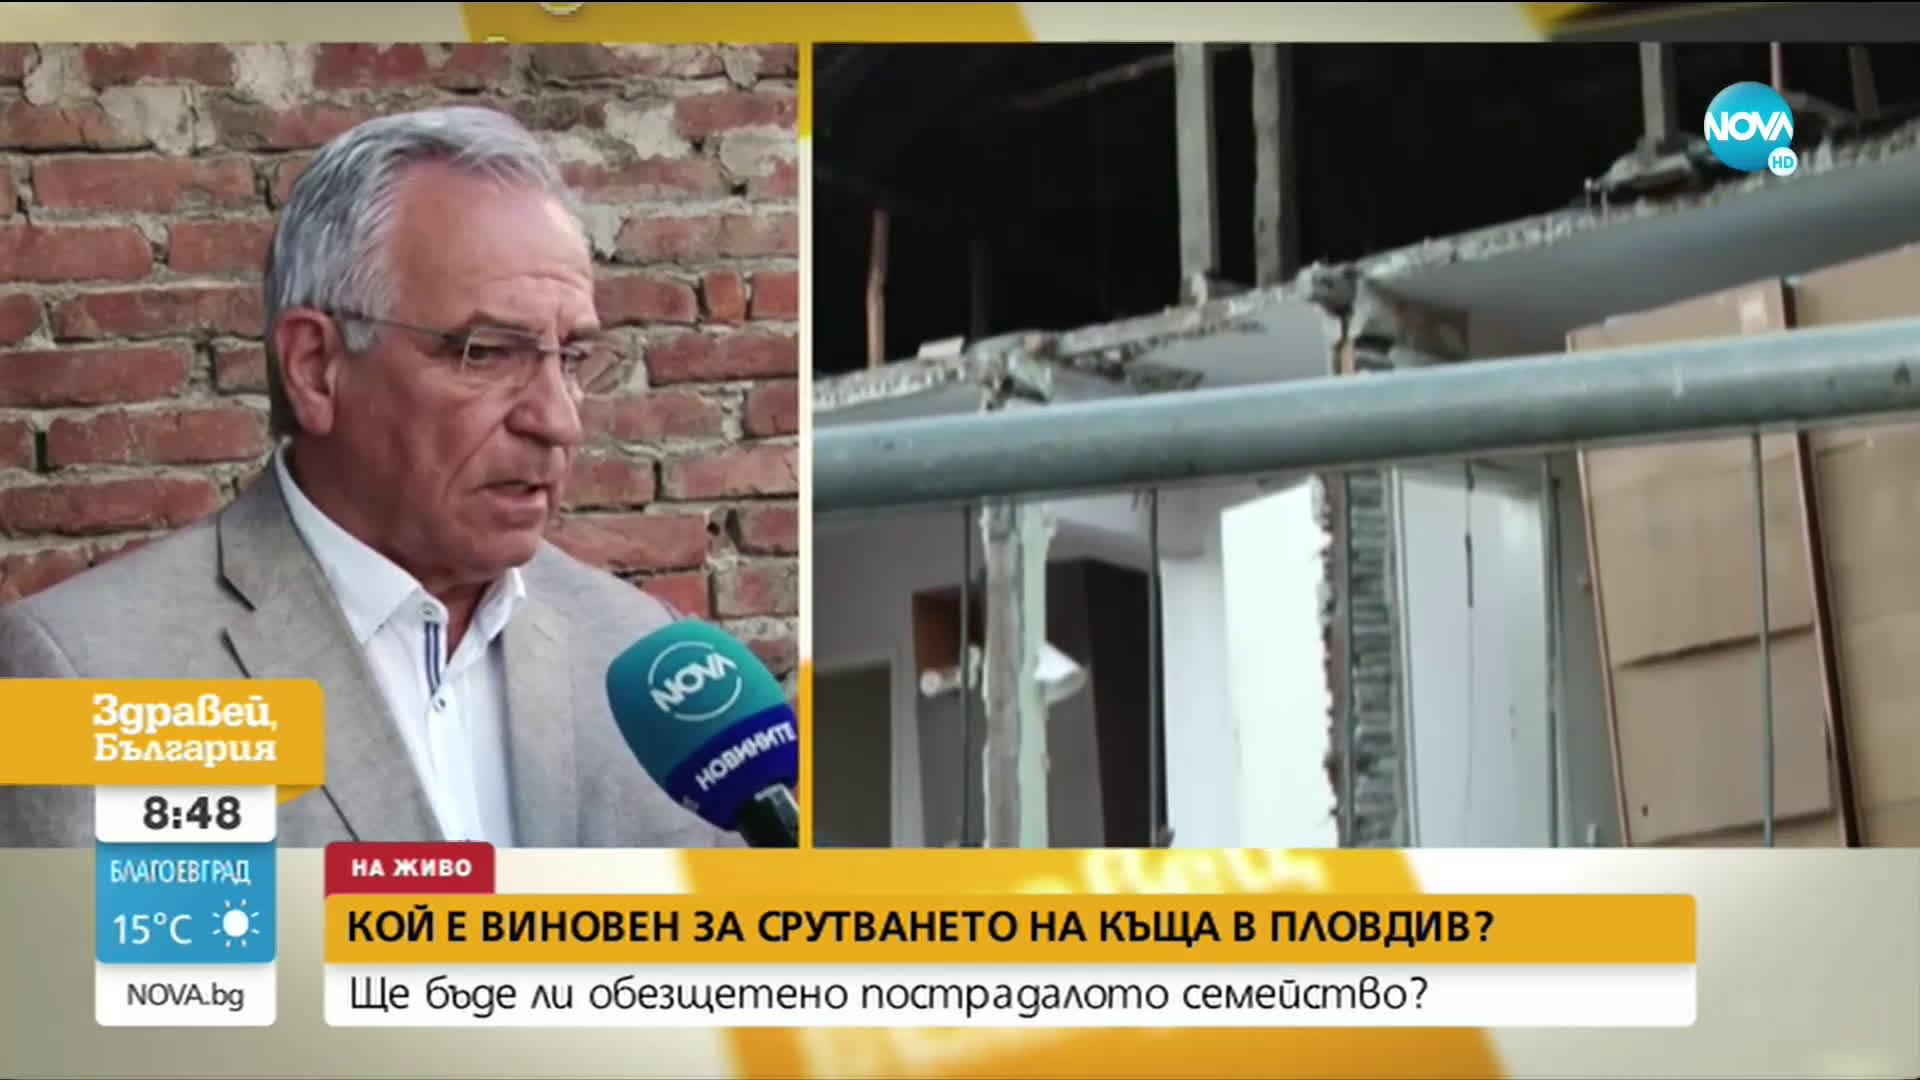 Има ли виновни за срутването на къща в Пловдив?